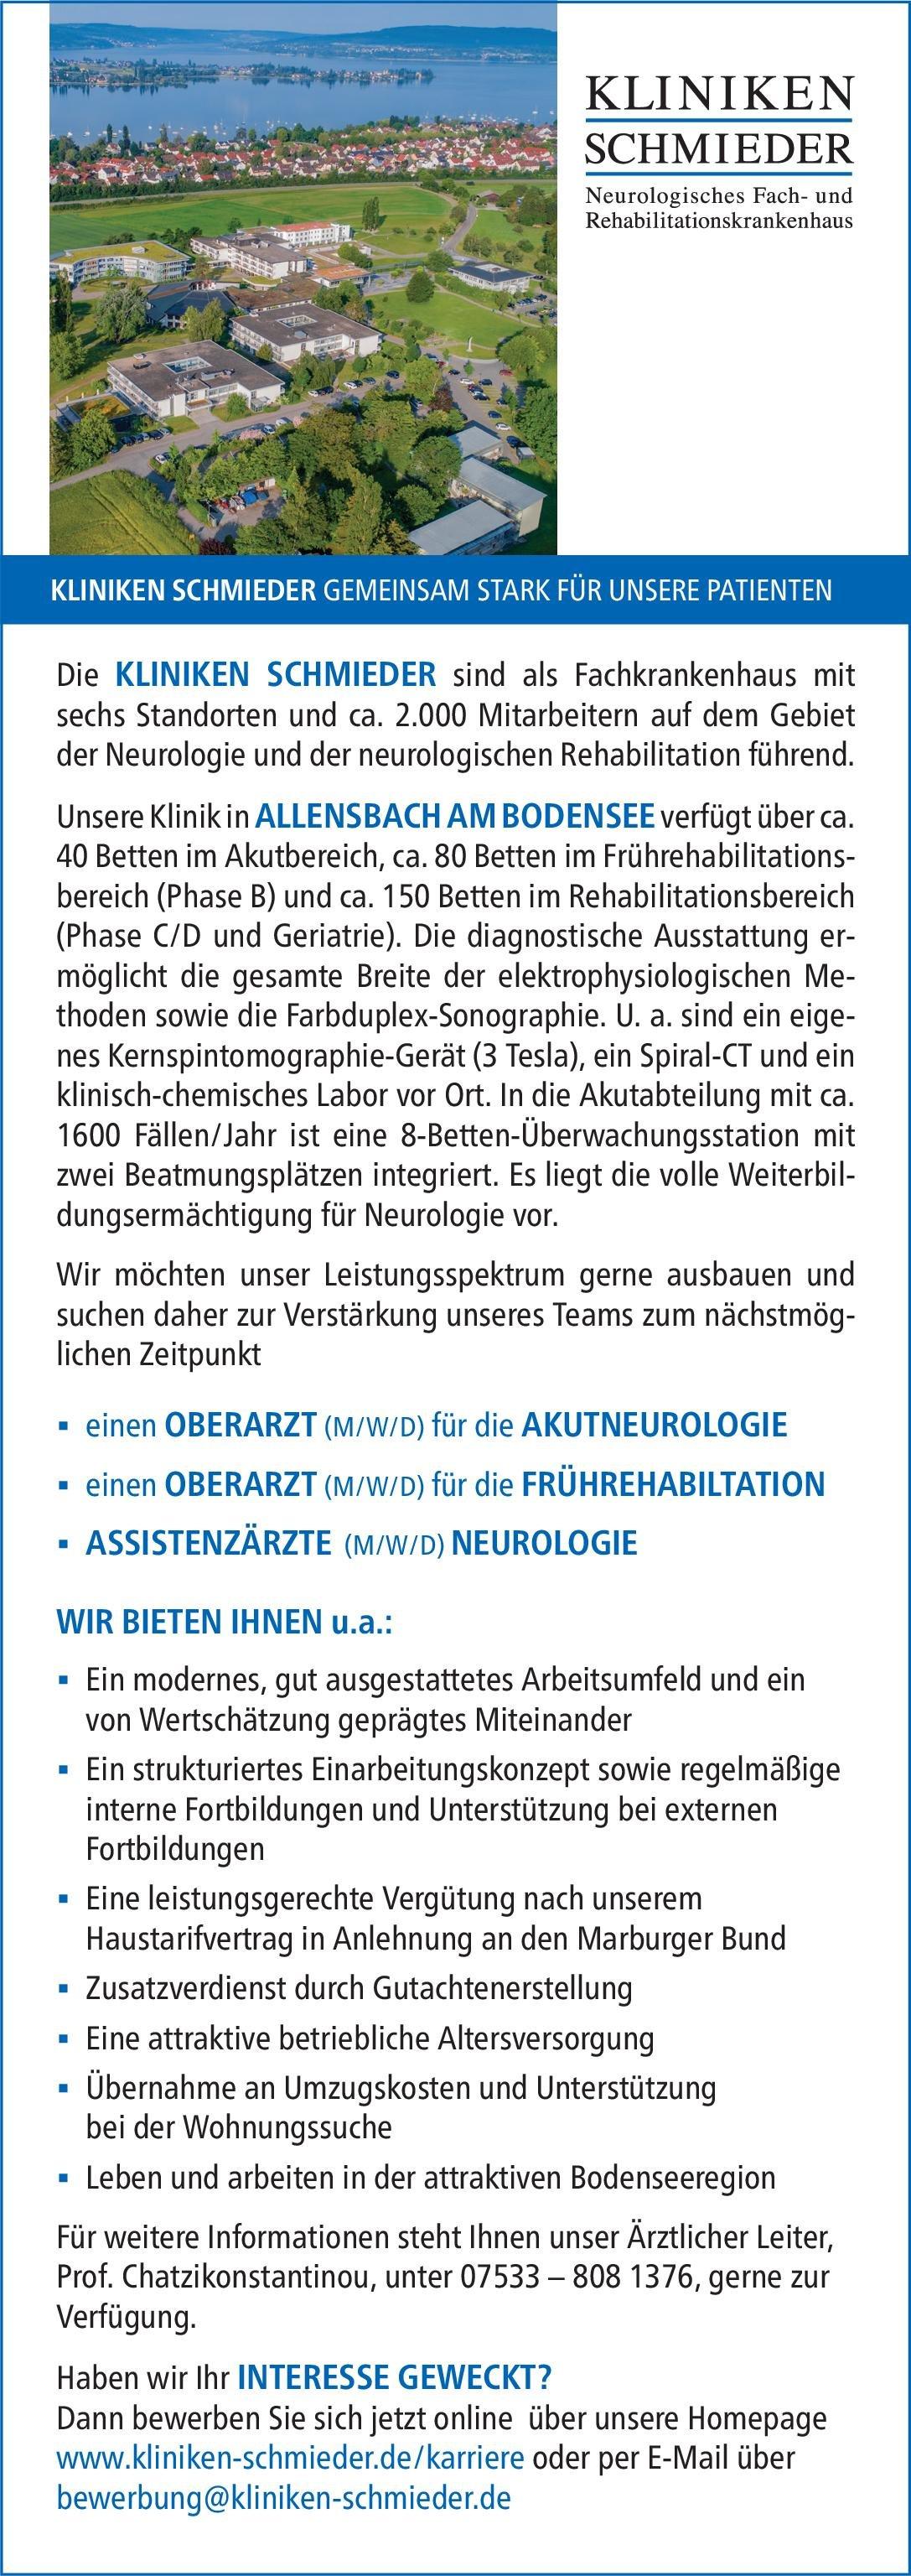 Kliniken Schmieder - Allensbach am Bodensee Oberarzt (m/w/d) für die Akutneurologie Neurologie Oberarzt